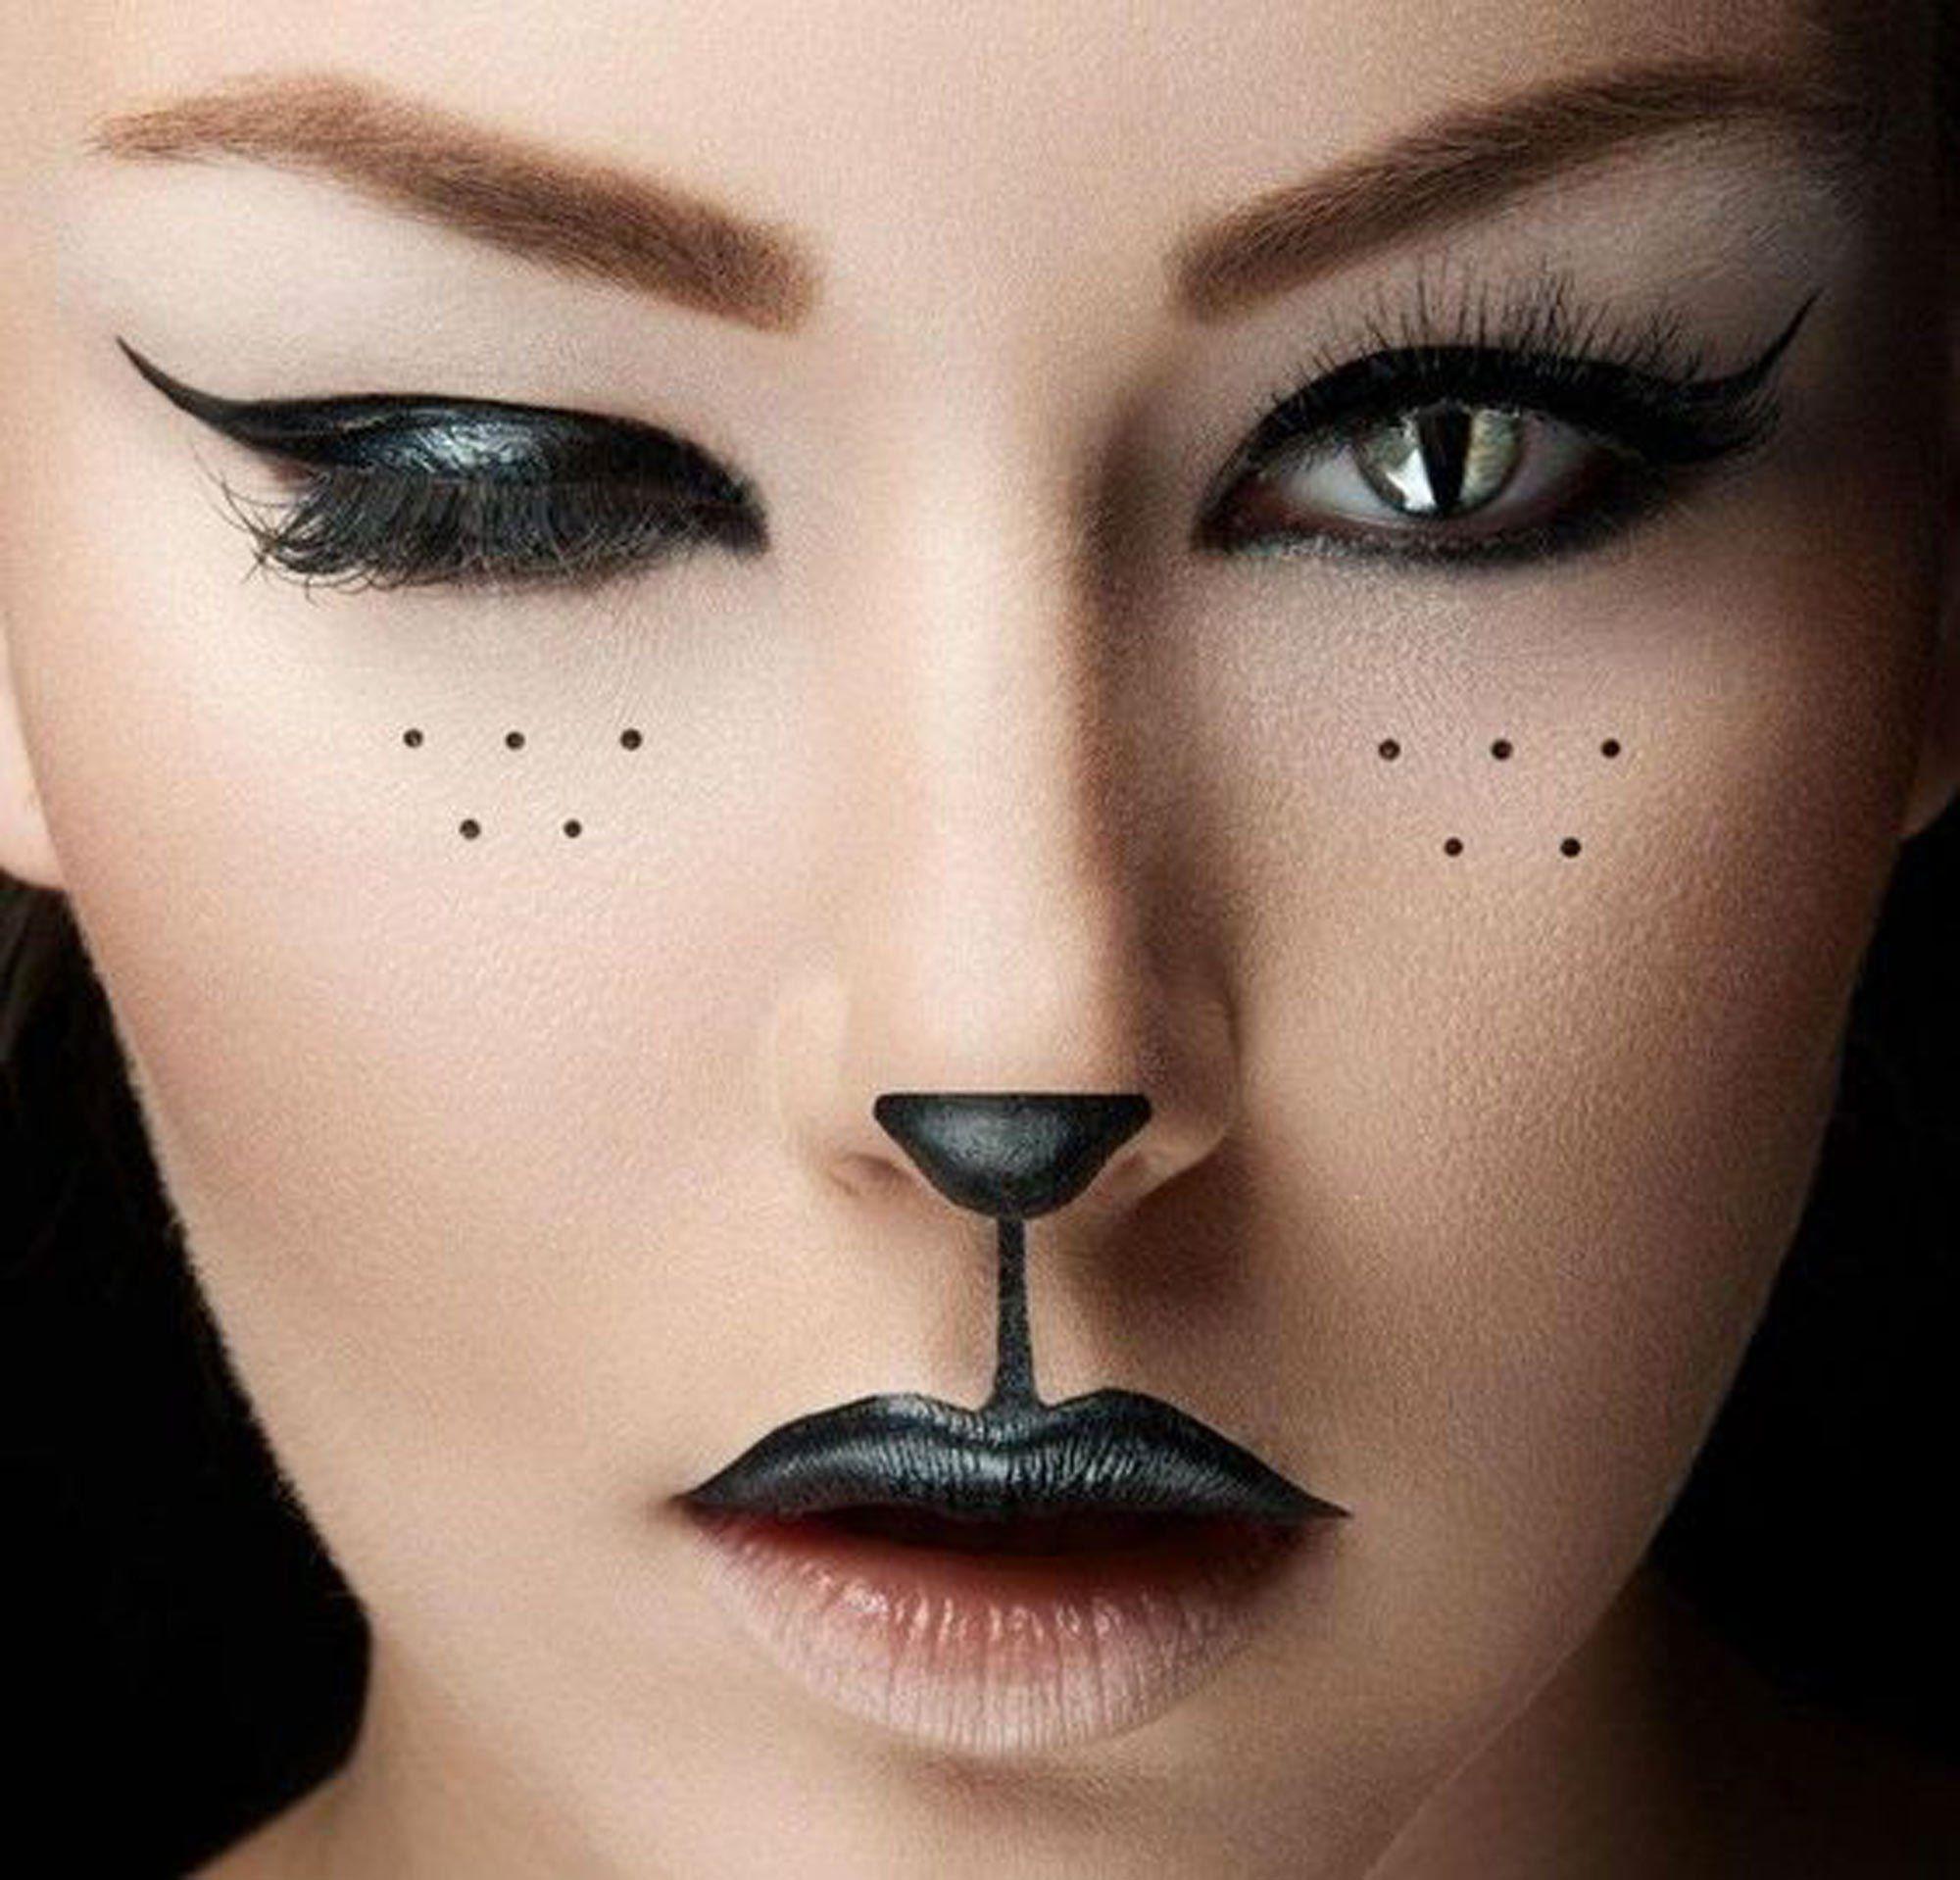 Maquillage halloween qui ne font pas peur - Recettes d halloween qui font peur ...